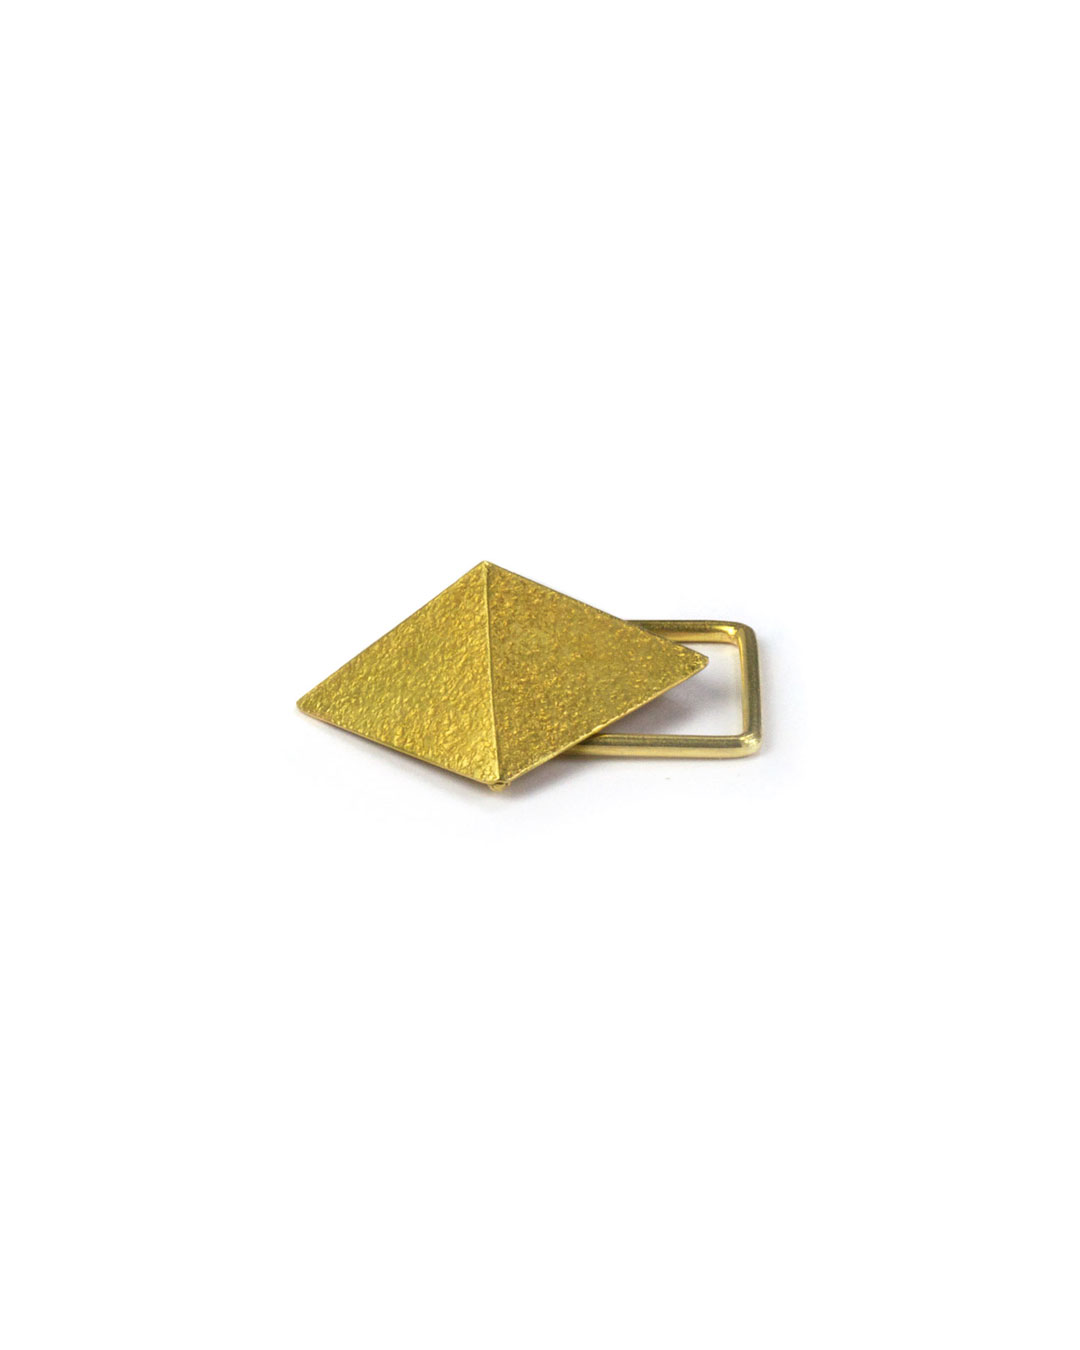 Okinari Kurokawa, untitled, 2007, ring; 20ct gold, stainless steel, 38 x 30 x 18 mm, €1350